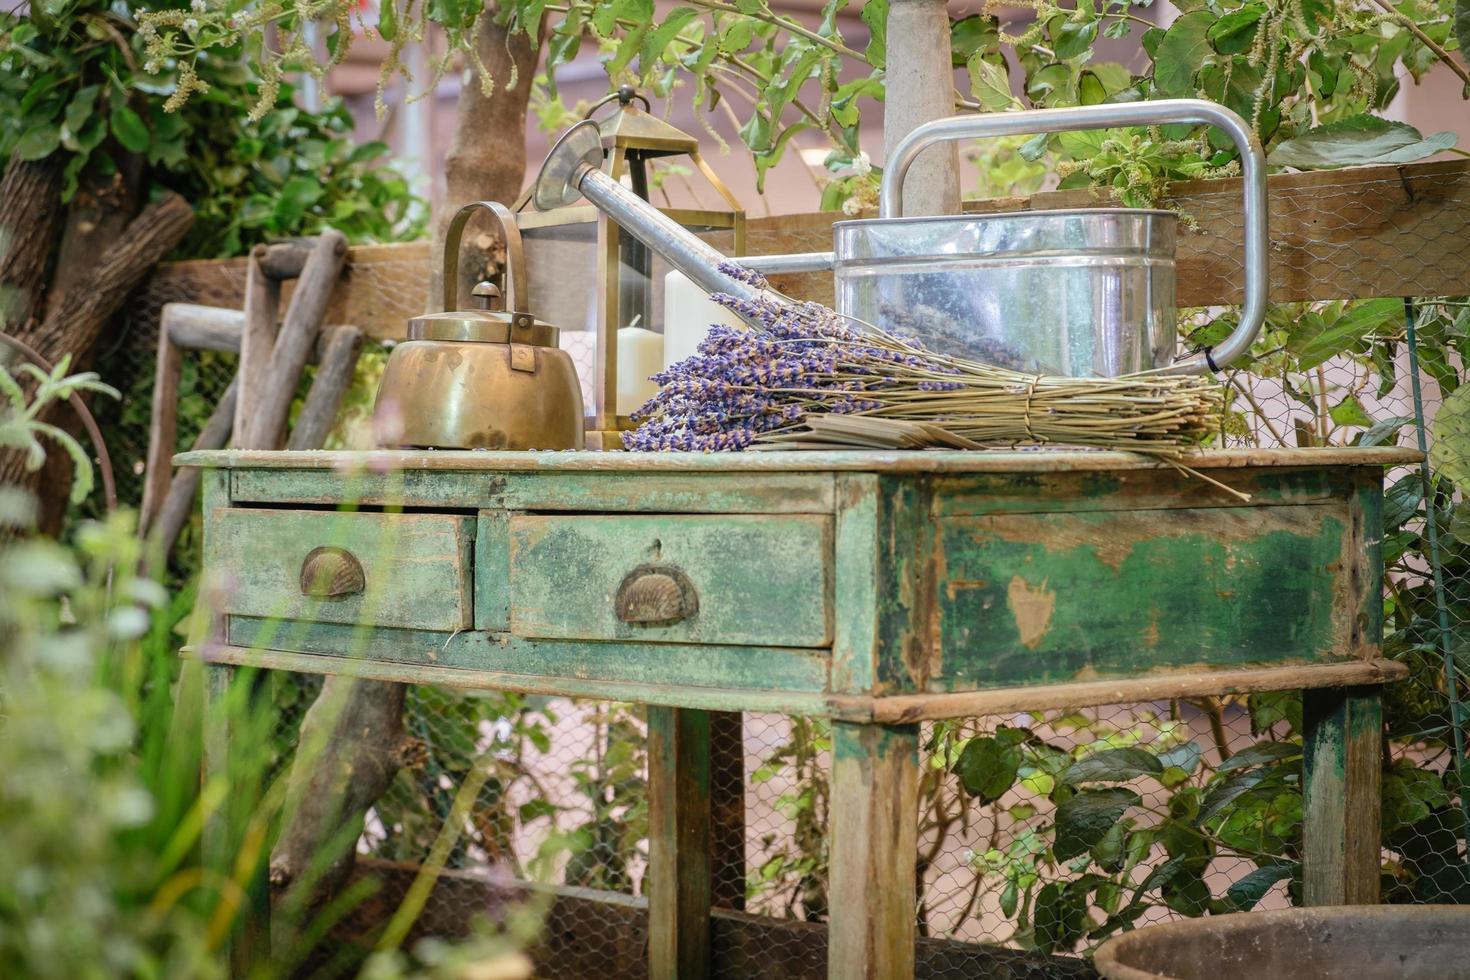 chalet extérieur jardin décoration de style campagnard rustique photo